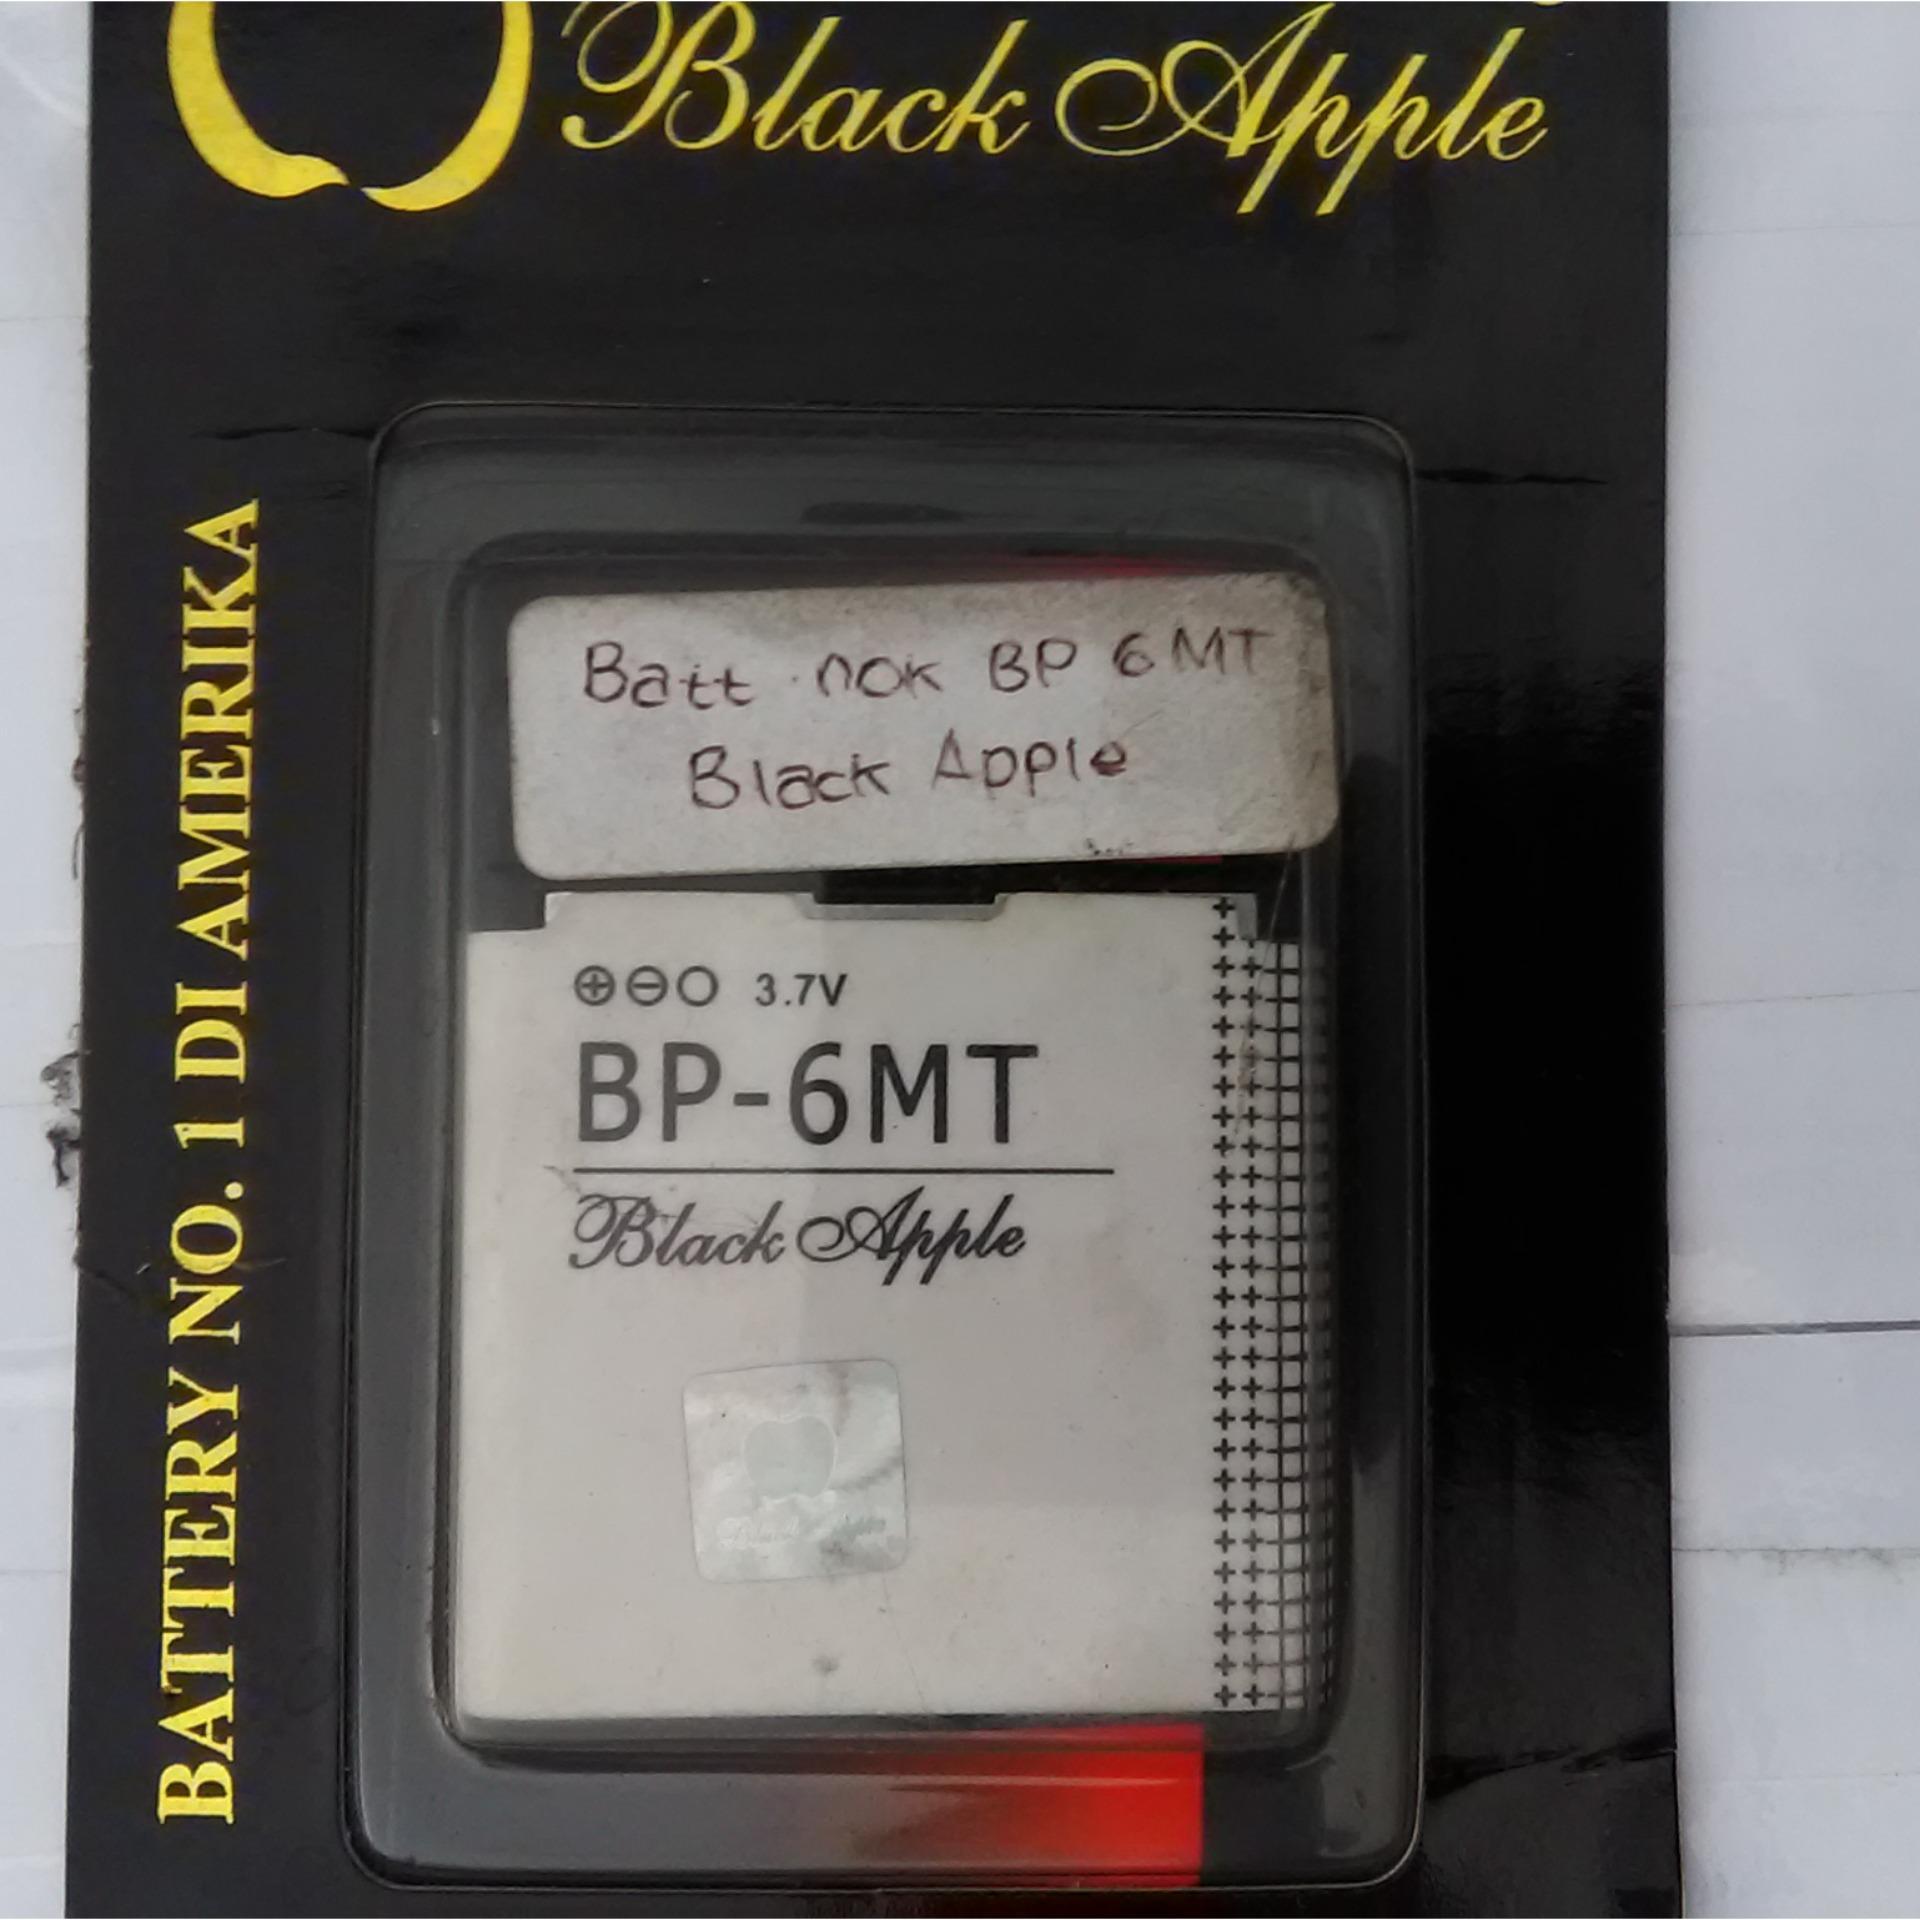 Baterai Persamaan Nokia BP-6MT | Batere Batre Battery Kompatibel Nokia BP - 6 MT   BP6MT Untuk Nokia Tipe 6720 Classic , E51 , N81 , N81  8GB , N82  Dan Lain-Lain